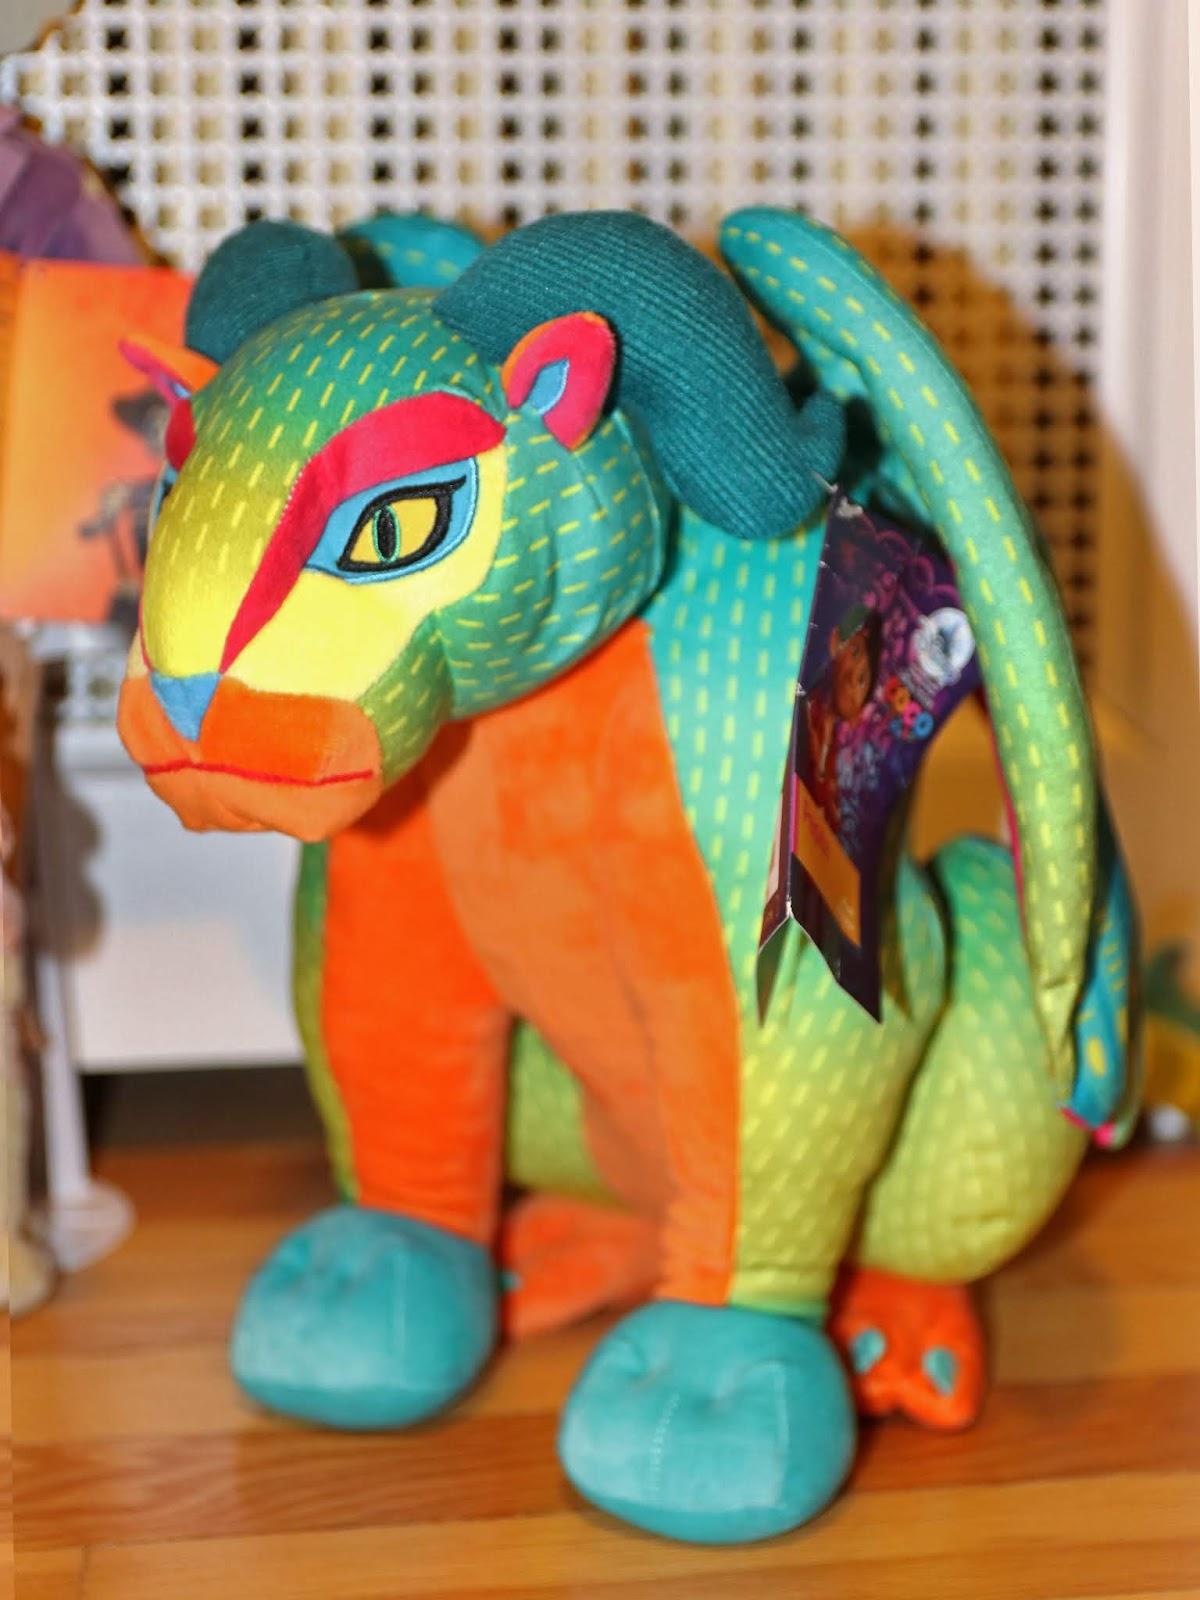 disney store coco plush toys pepita